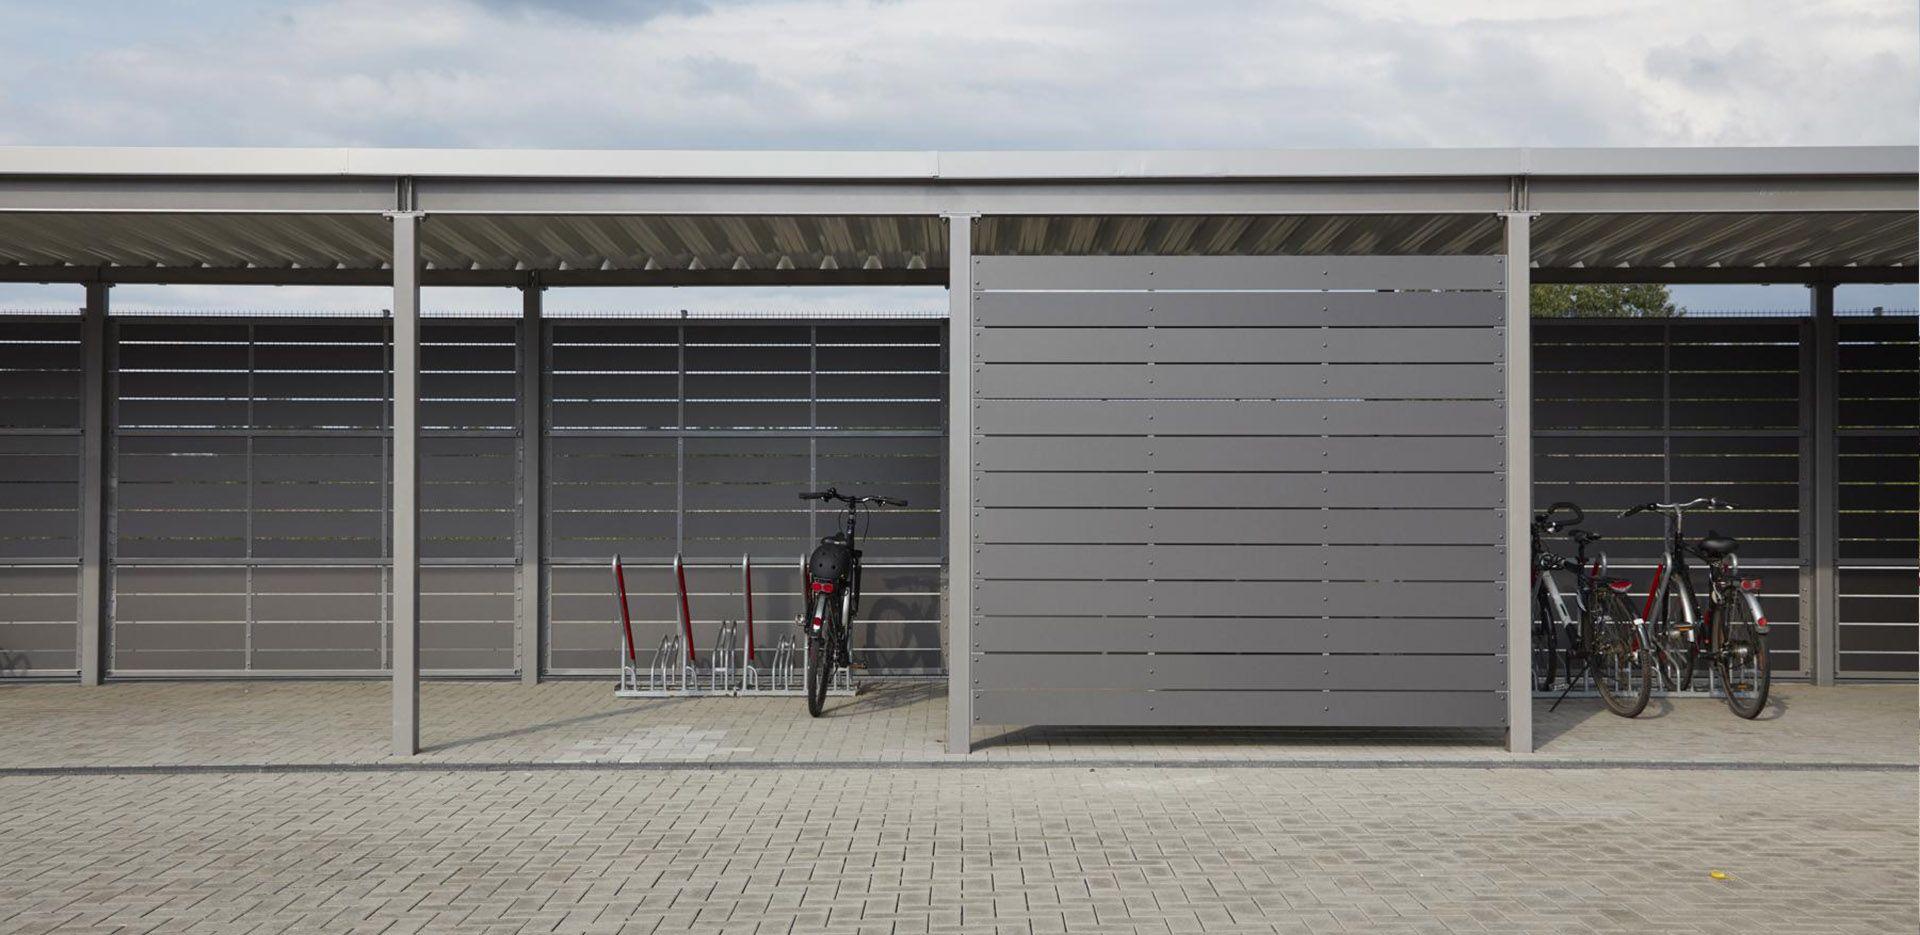 Fahrradunterstand Feuerwache Krefeld Seitenverkleidung Trespa Streifen Projekt W Systeme Aus Stahl Gmbh Fahrrad Unterstand Pergola Pavillon Einhausung